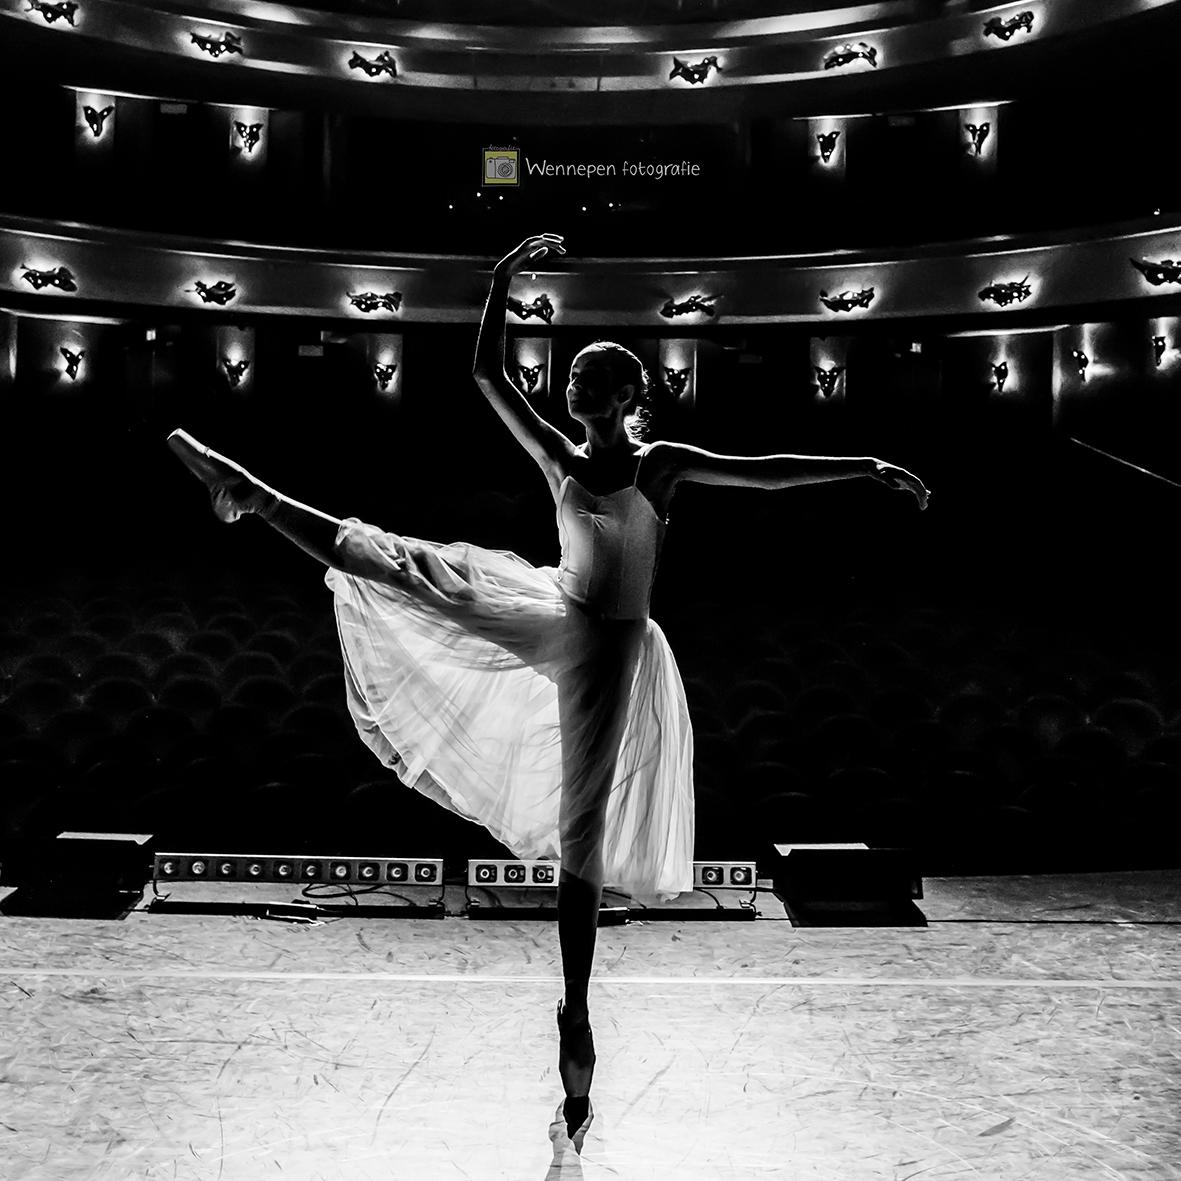 Vrij werk ballet op locatie - copyright by Wennepen